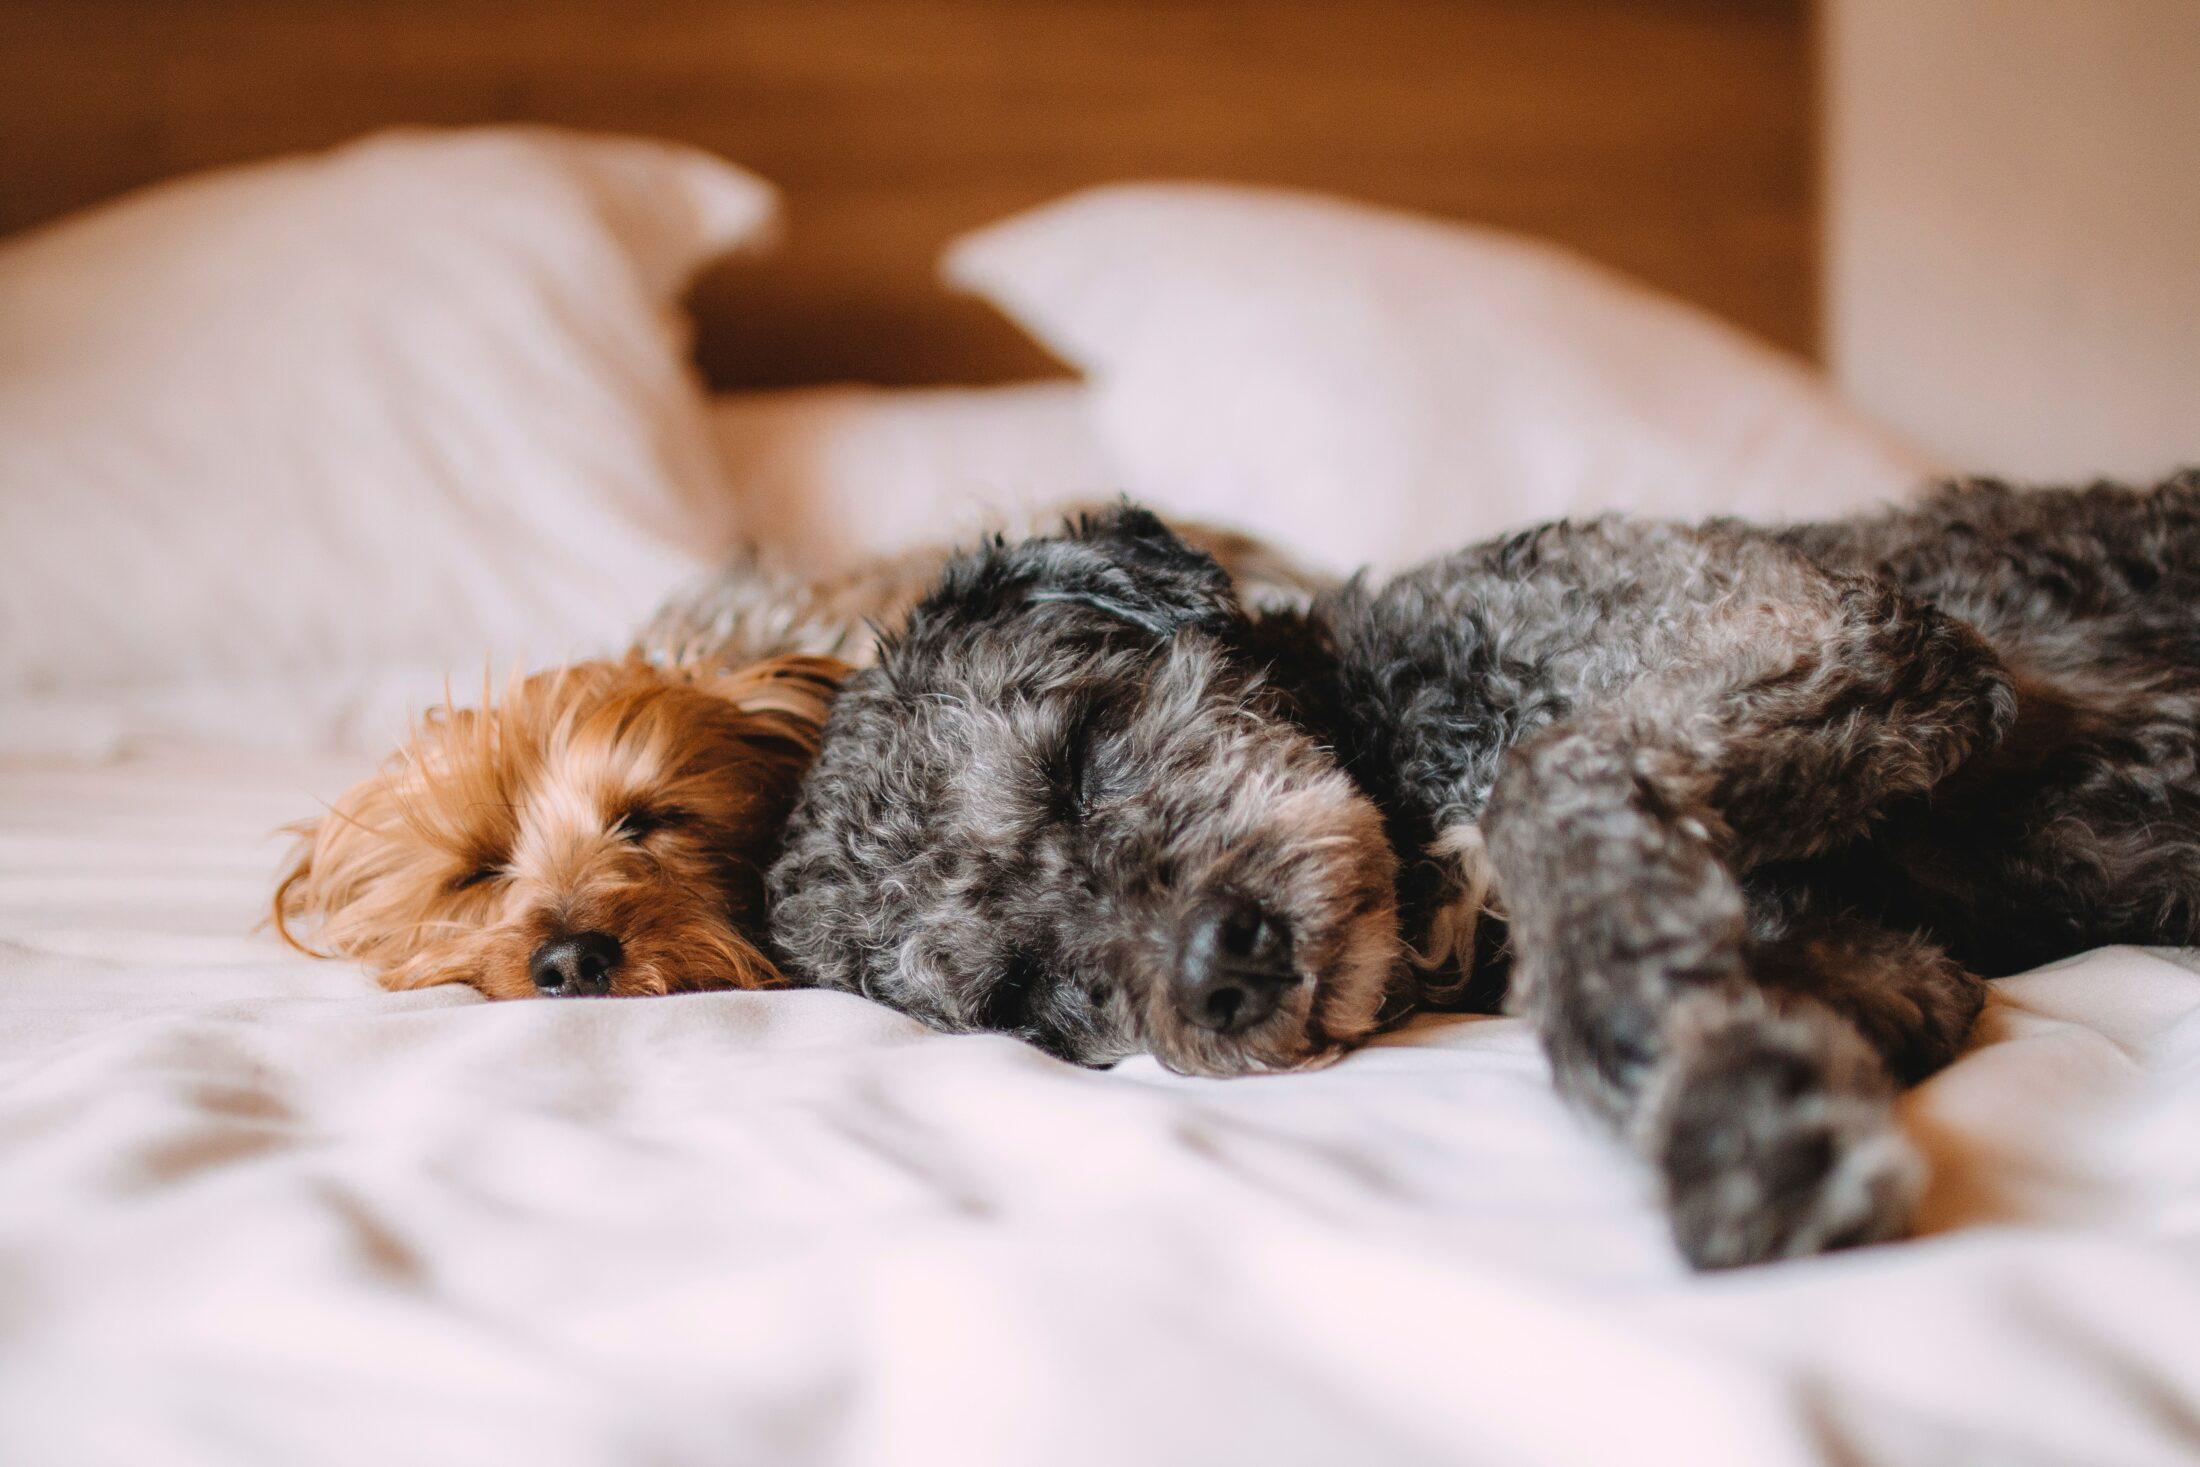 cachorros dormindo juntos na cama de casal